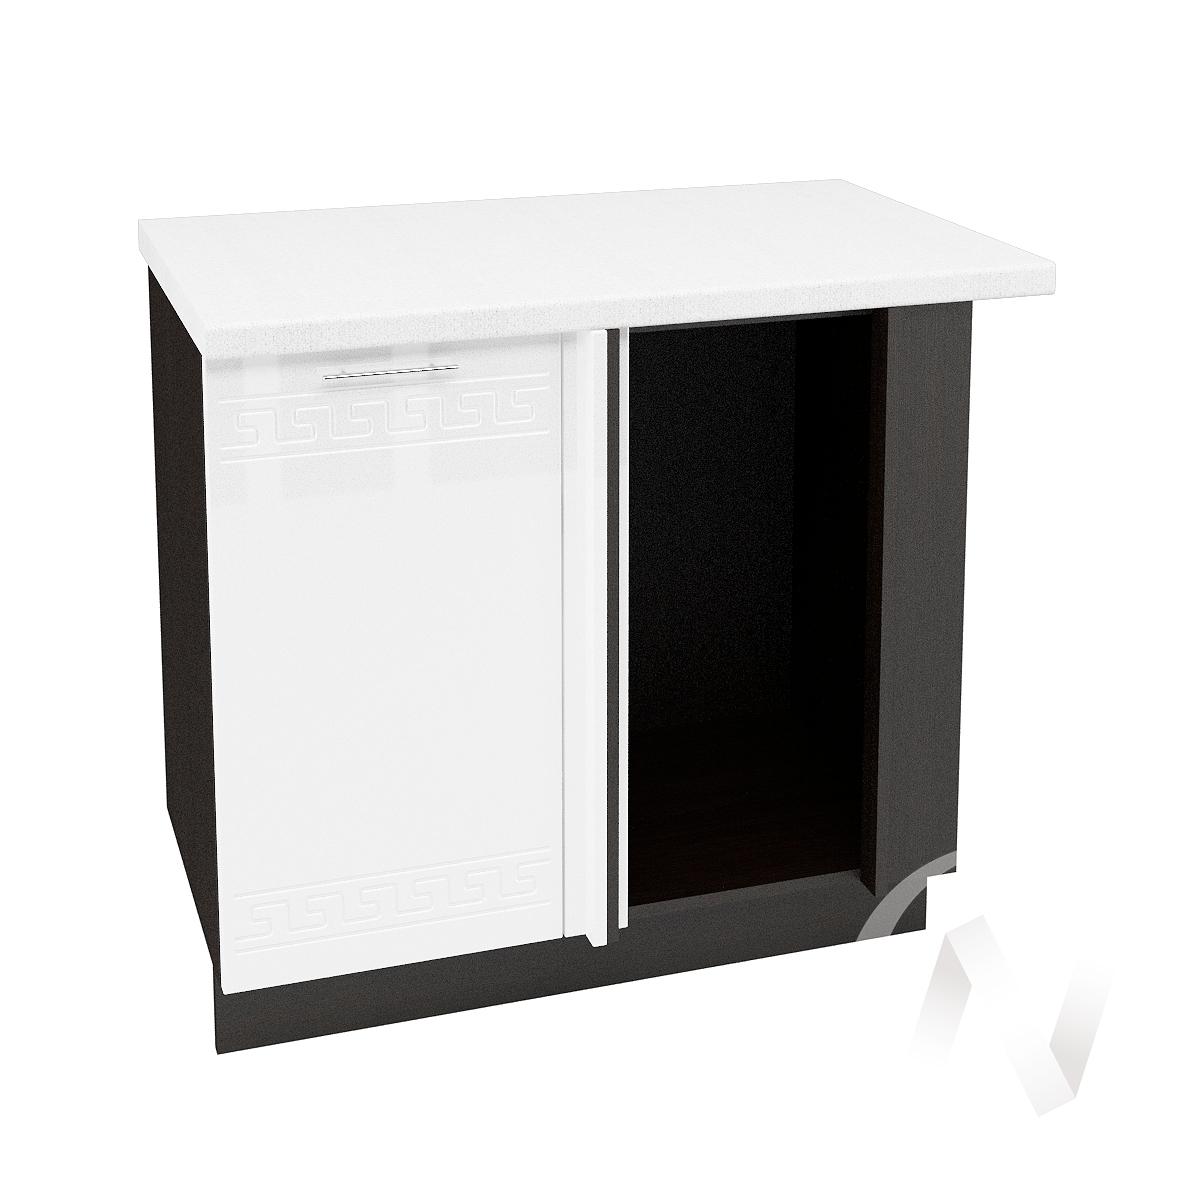 """Кухня """"Греция"""": Шкаф нижний угловой 990М, ШНУ 990М (белый металлик/корпус венге)"""